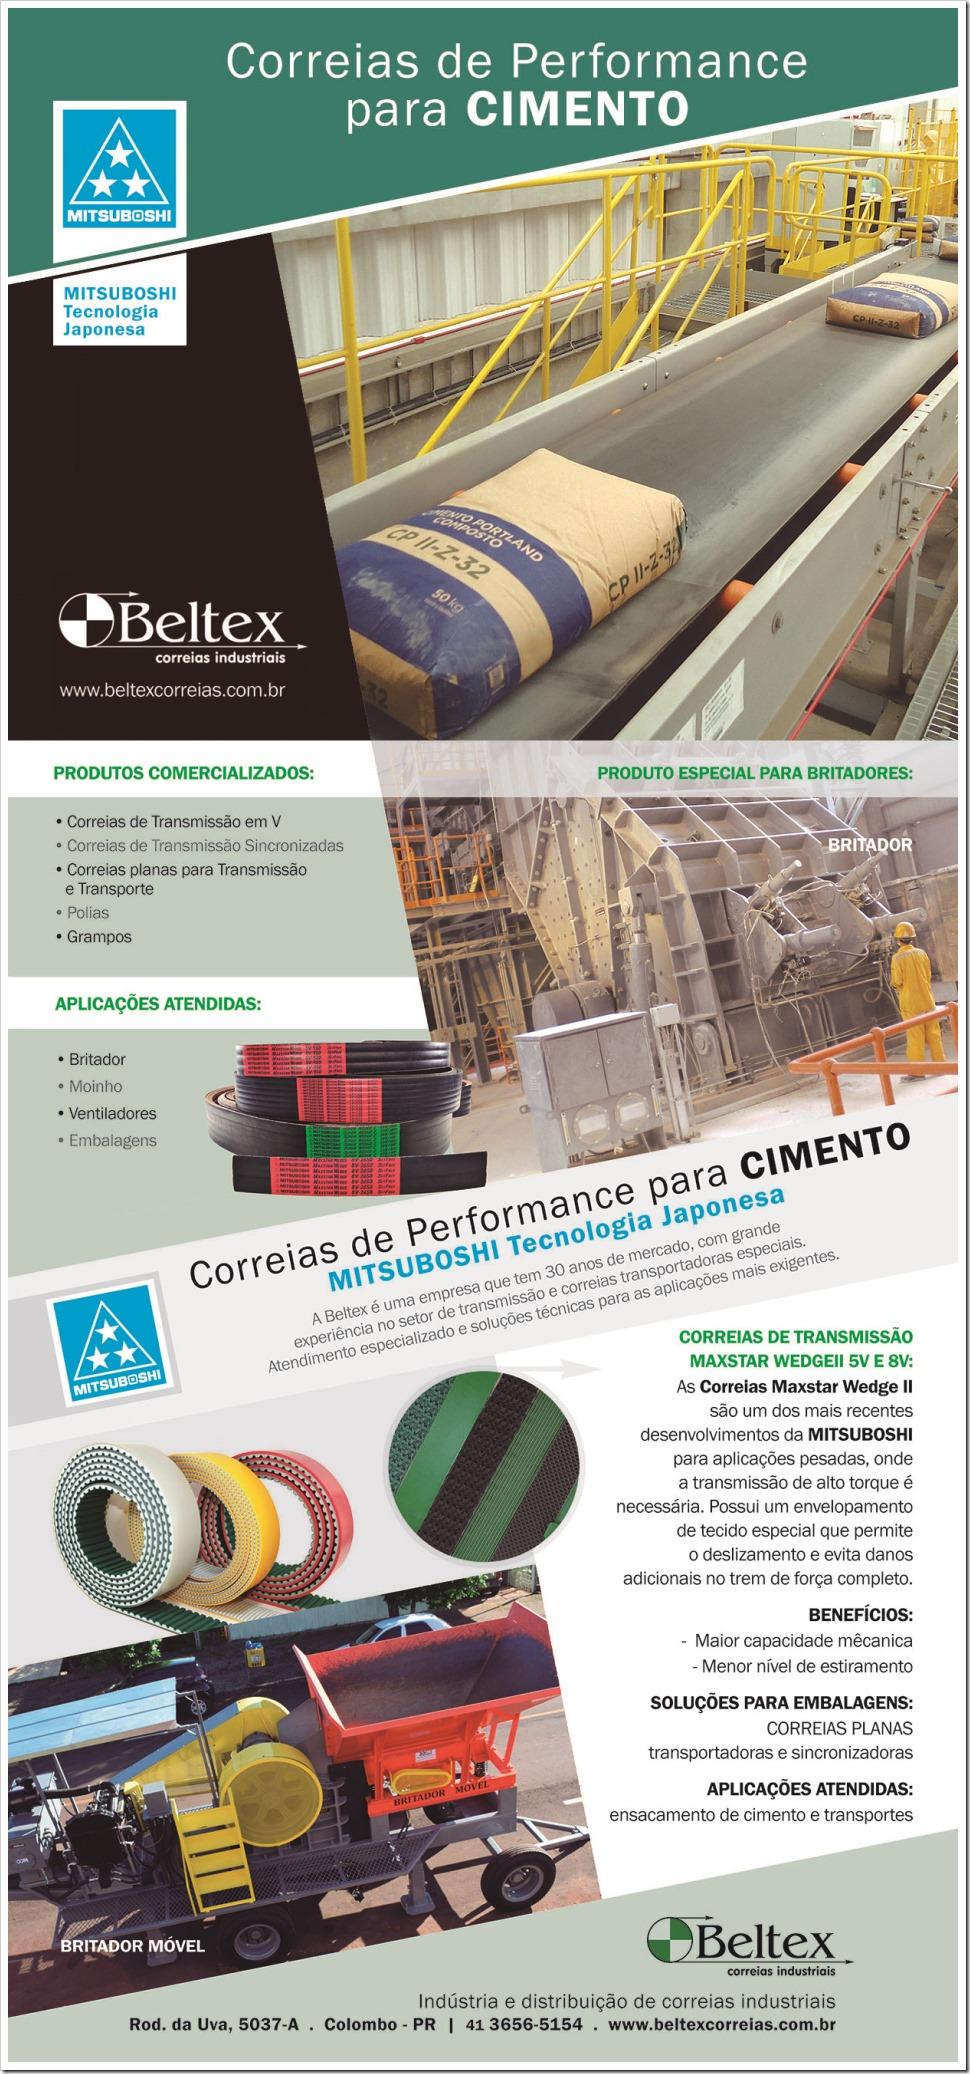 Correias de Performance para Cimento Beltex Correias